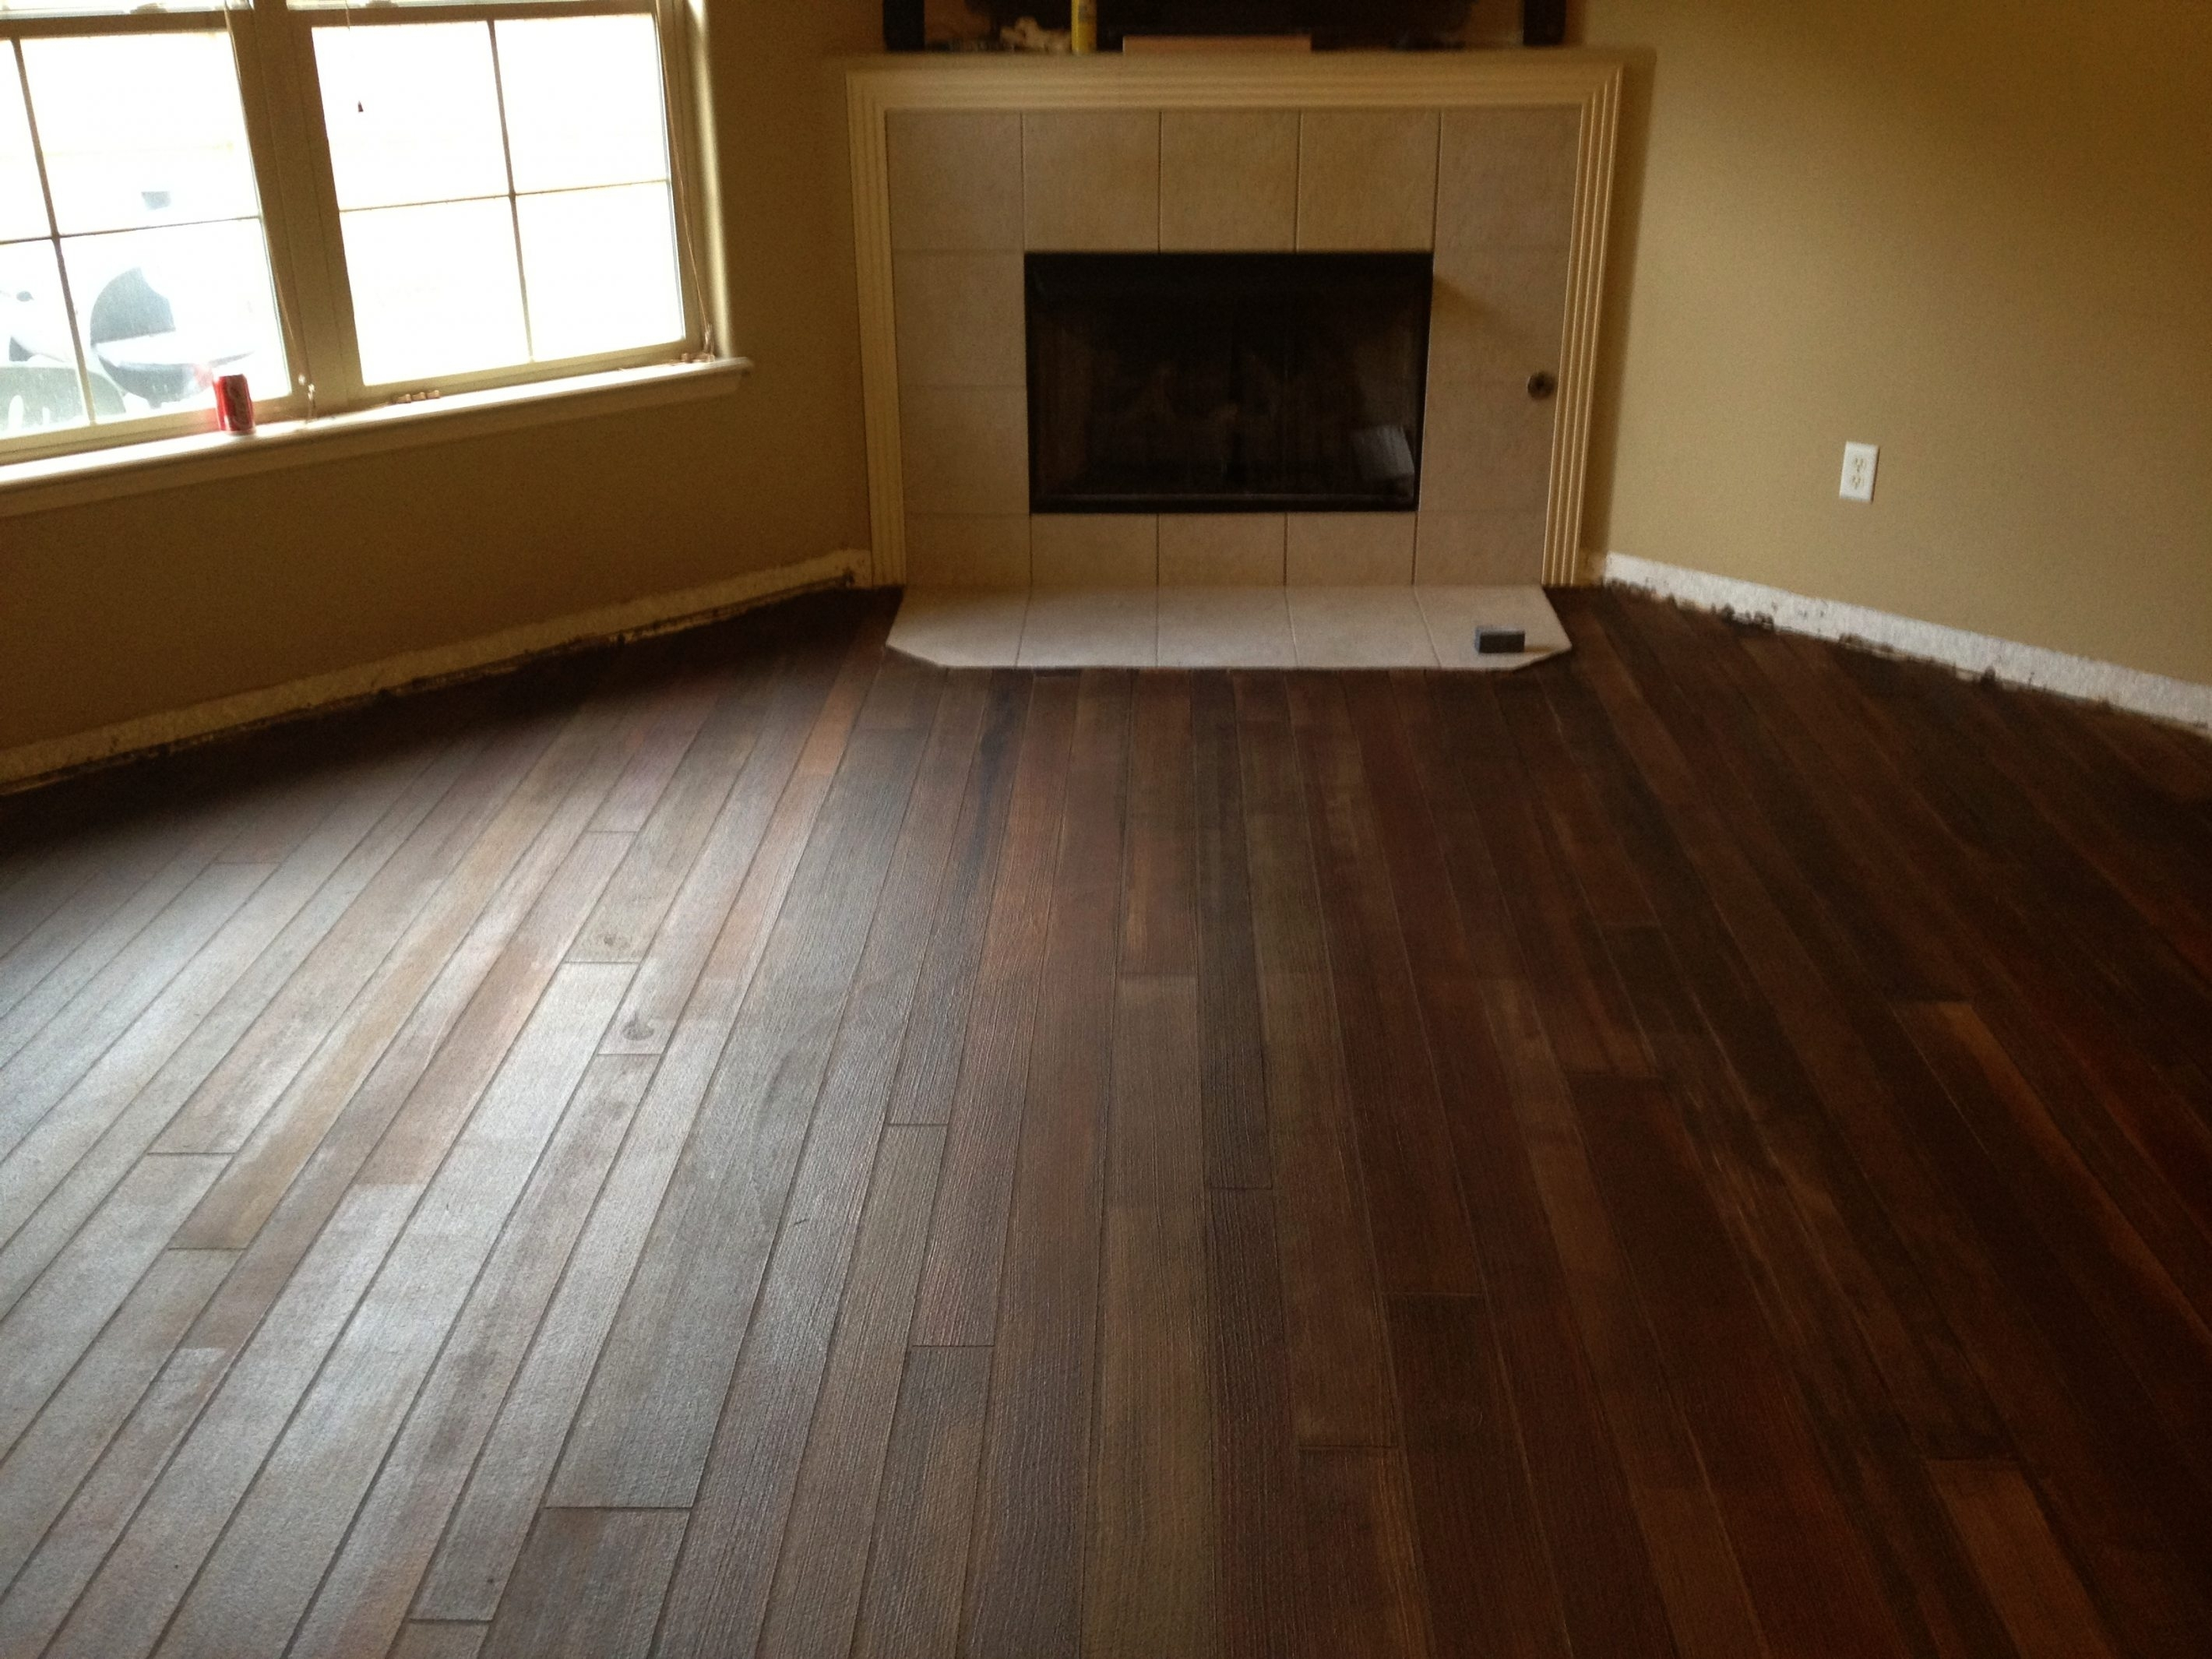 Linoleum That Looks Like Wood Floor